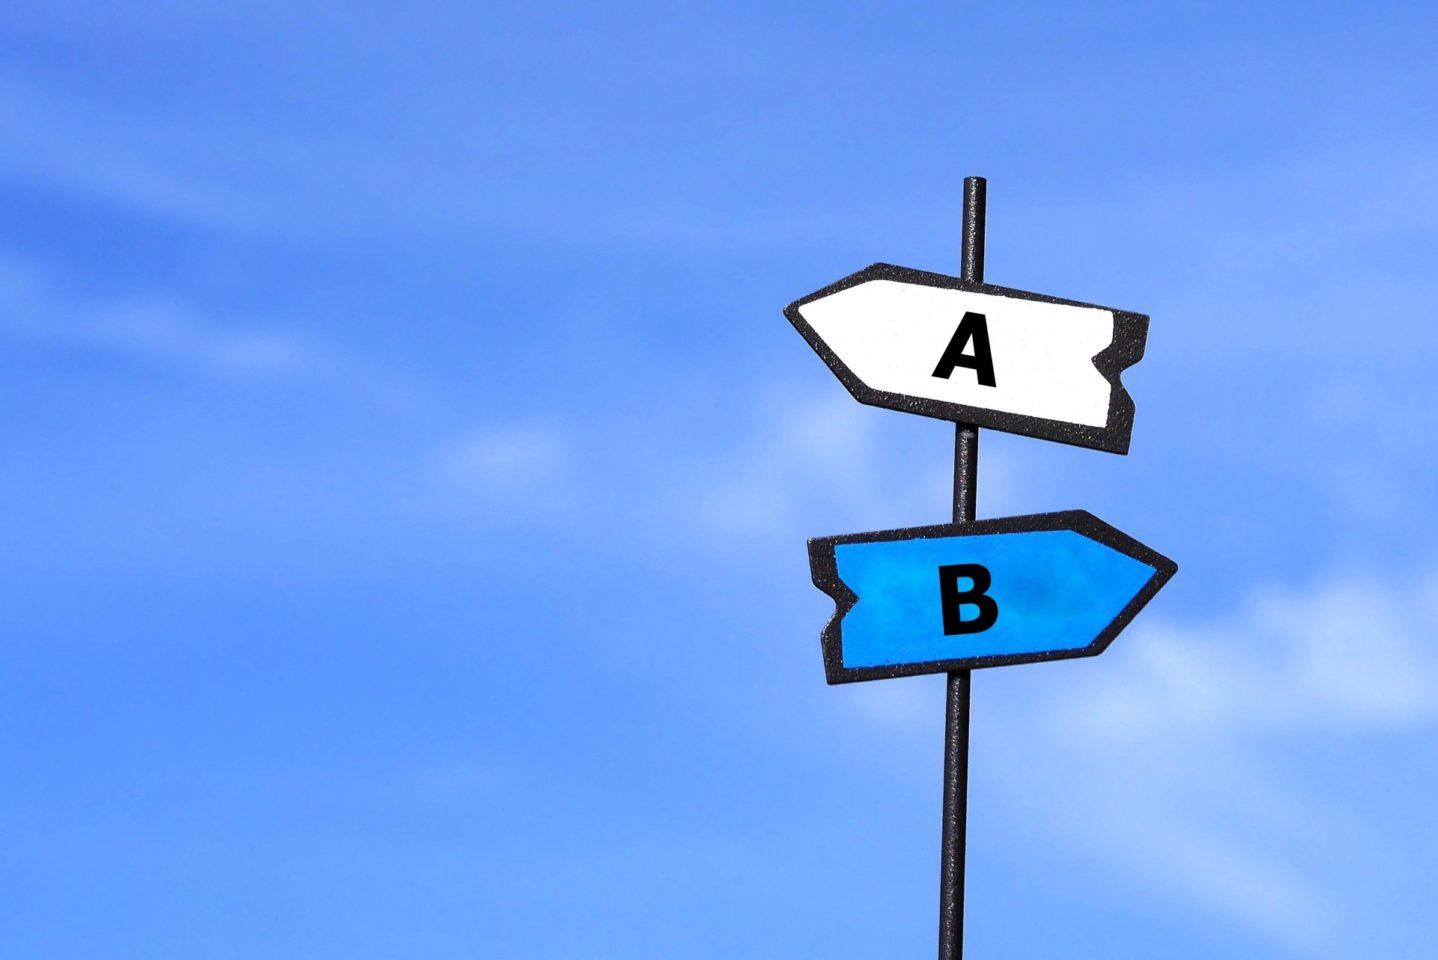 技能実習と特定技能どっちがいい?